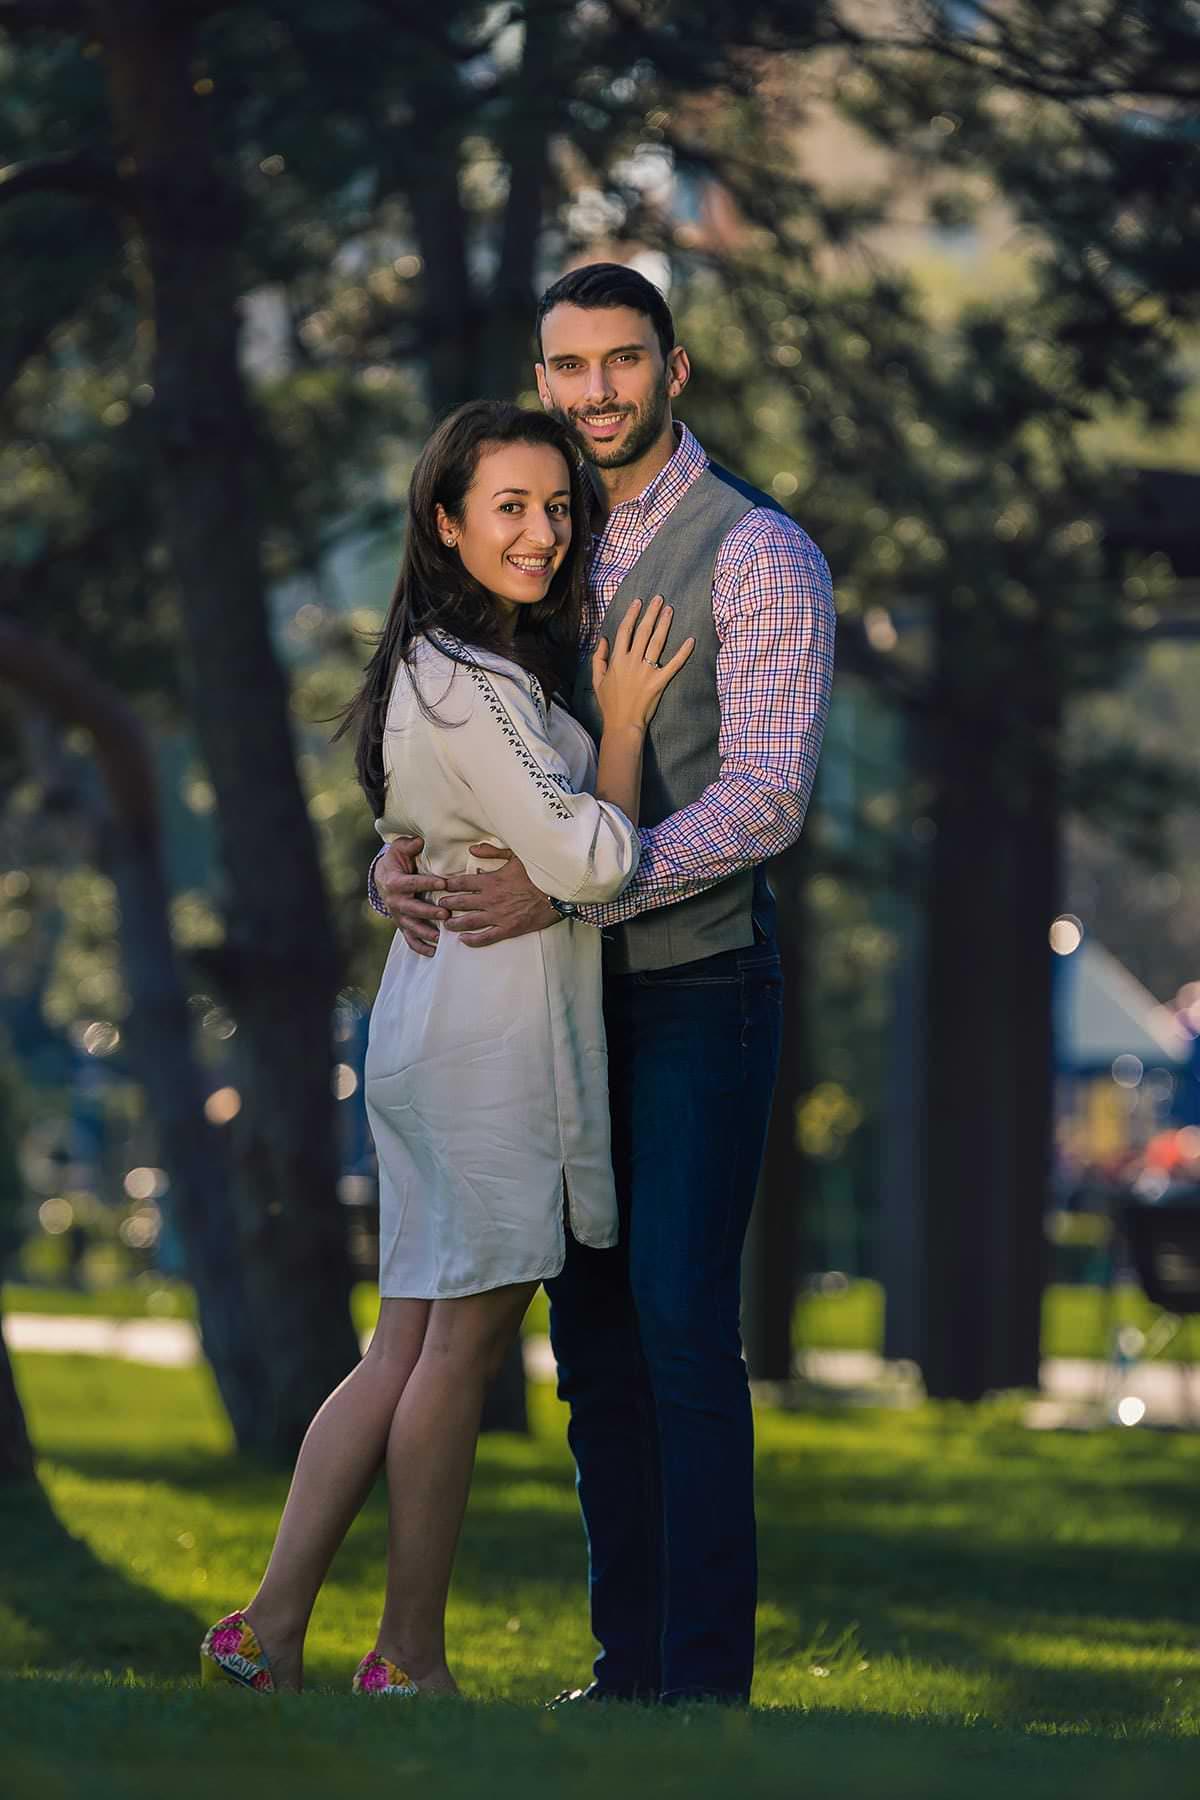 Sedinta foto de logodna in parcul ior (5)